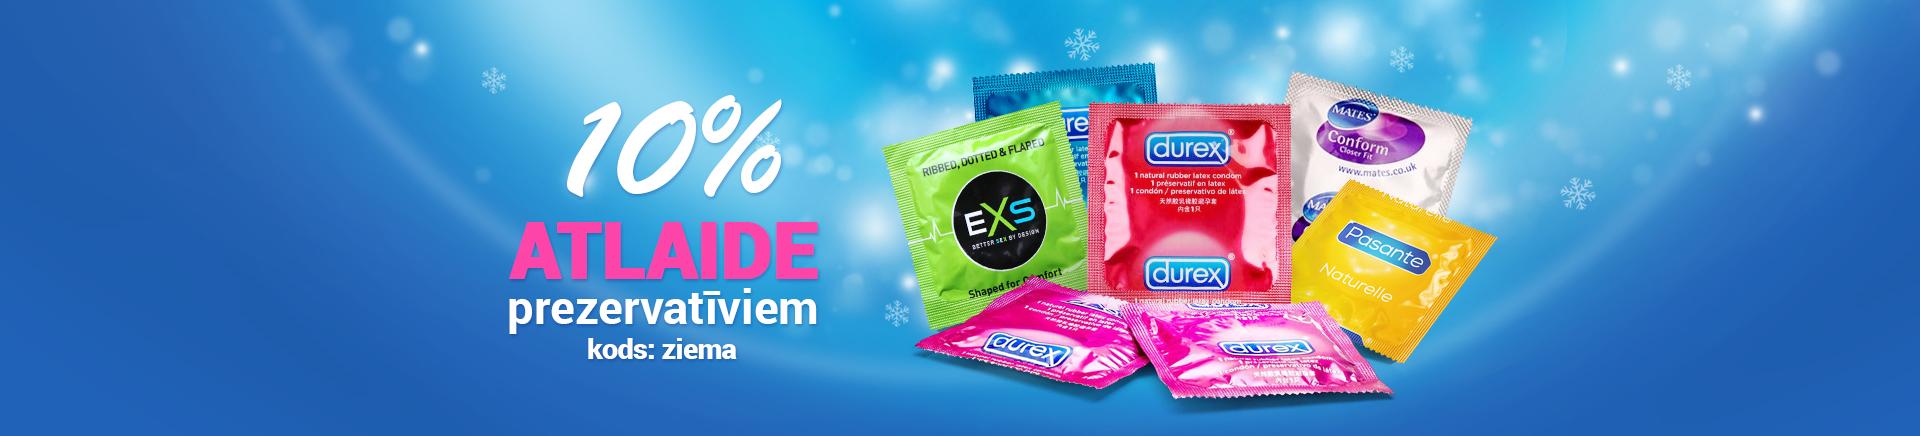 Ziemas atlaide prezervatīviem -10%